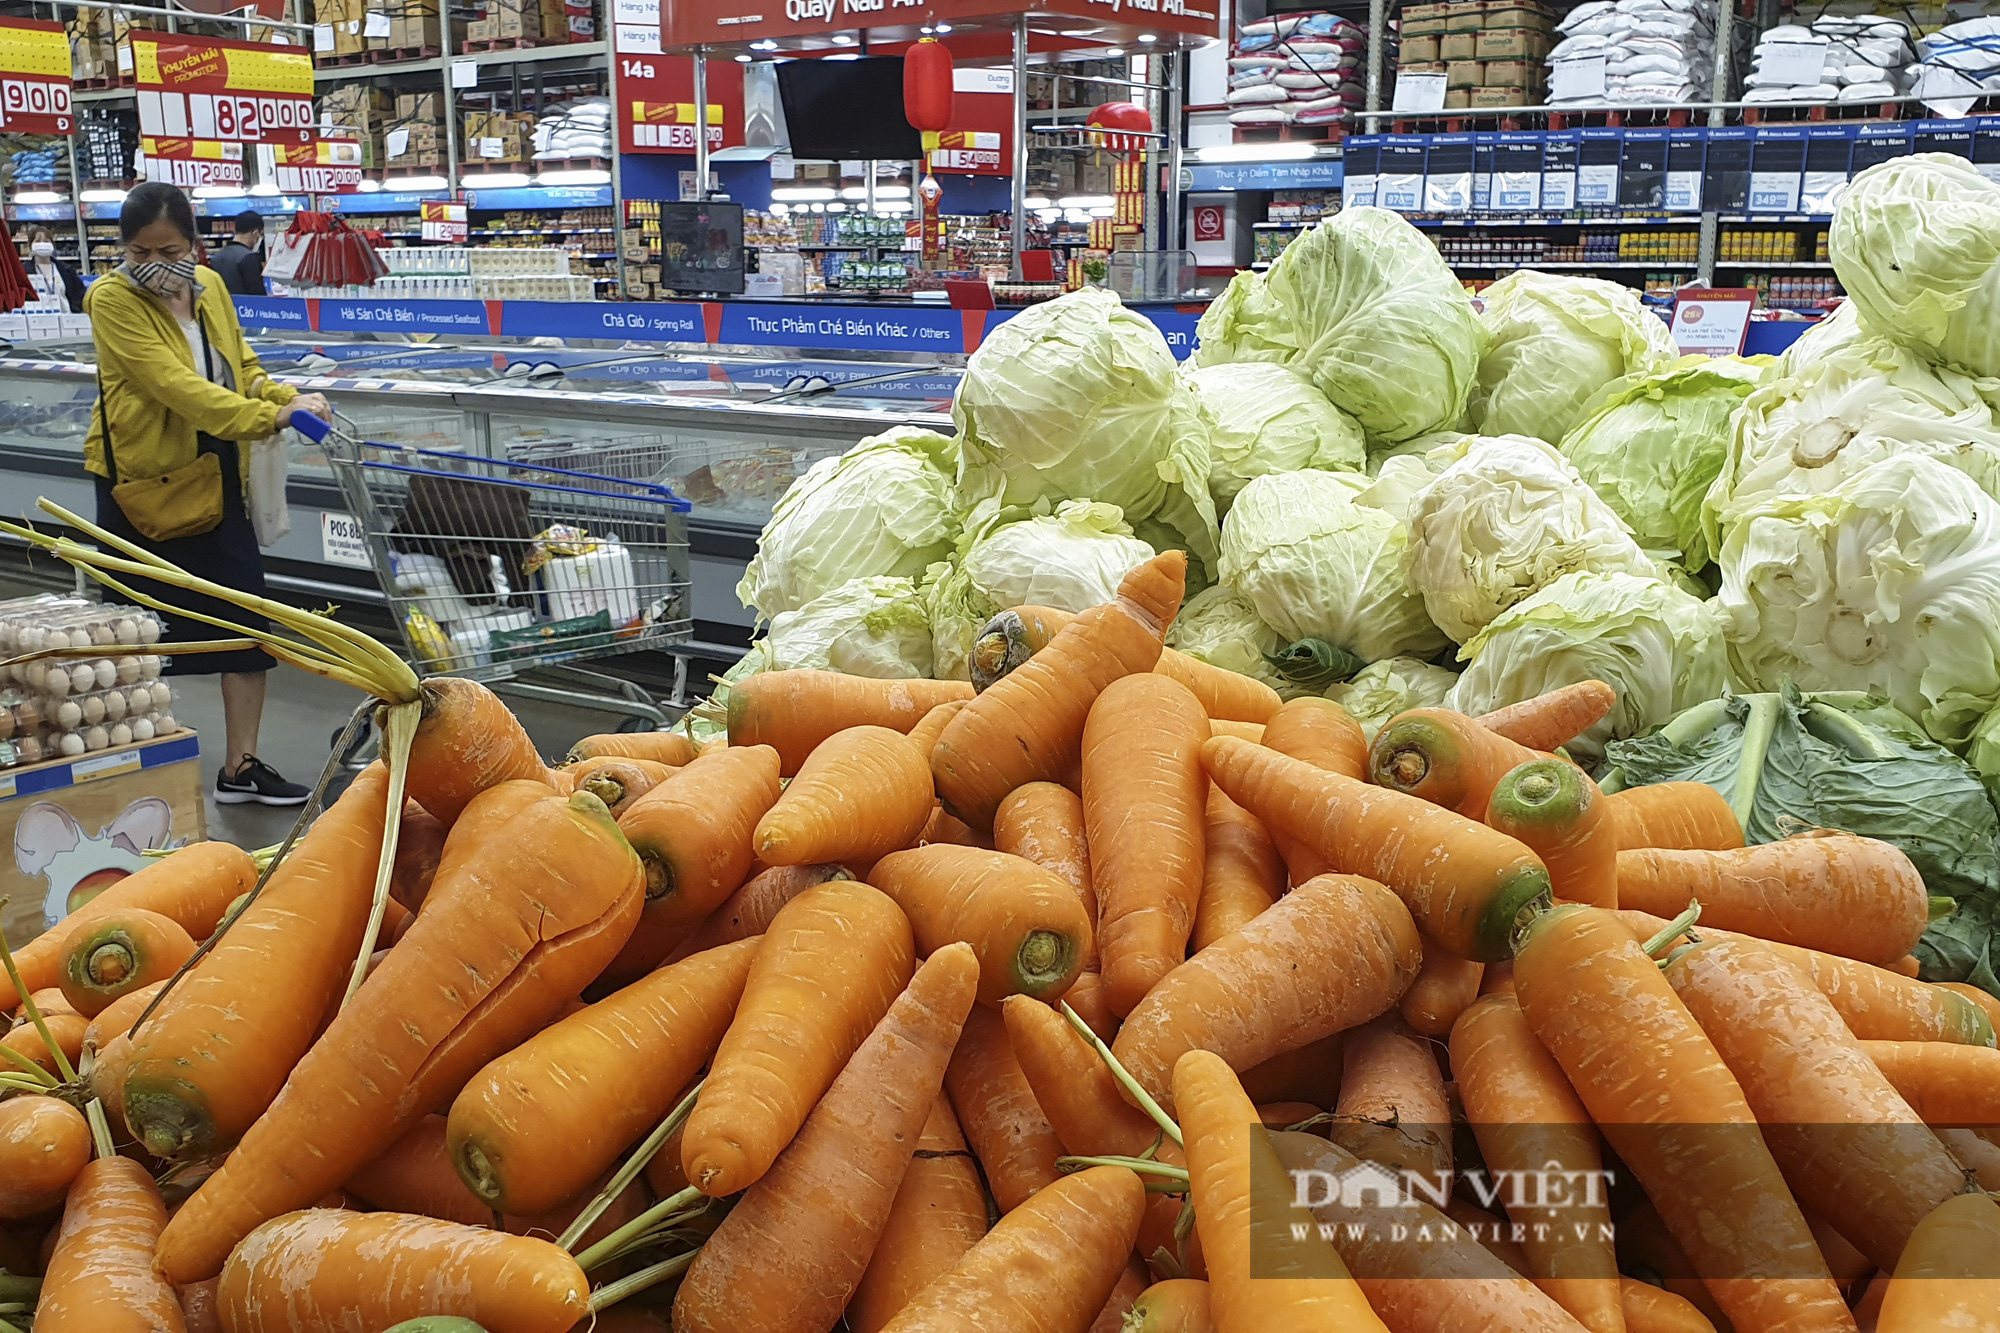 Nhiều hệ thống siêu thị Hà Nội bắt đầu bán nông sản Hải Dương - Ảnh 6.